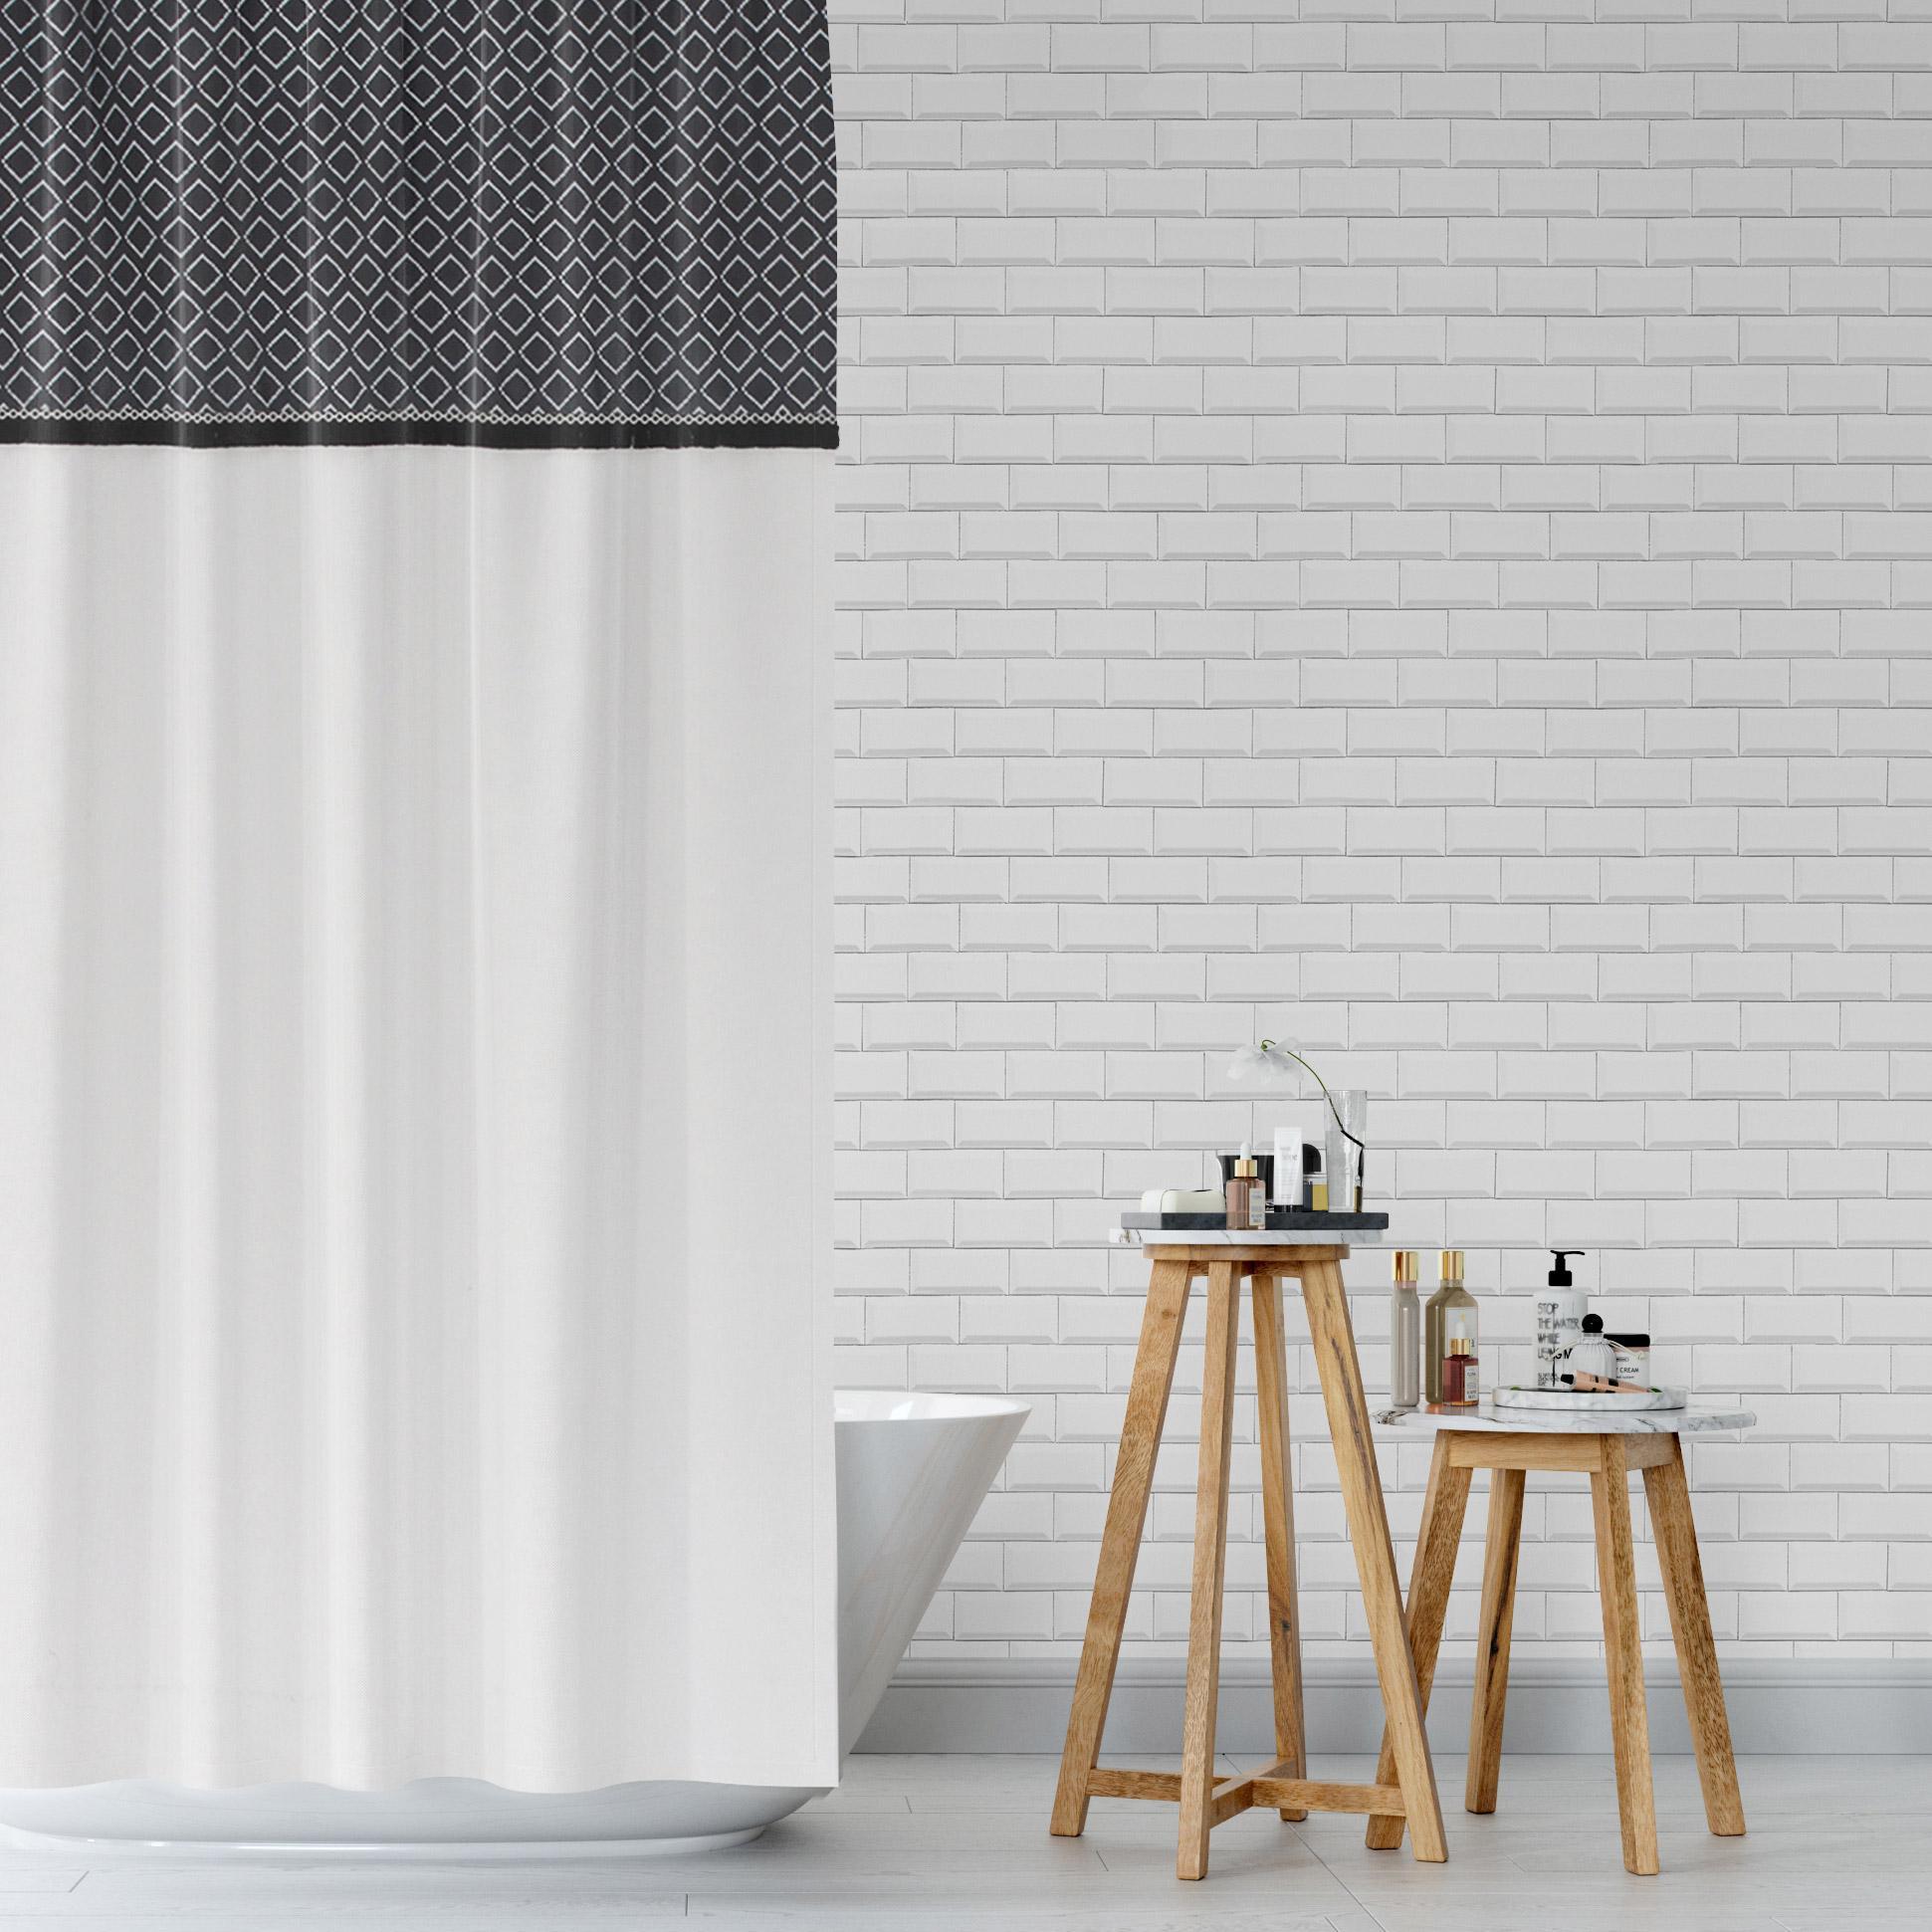 Rideau de douche en textile l.180 x H.200 cm, Folk NORASIA